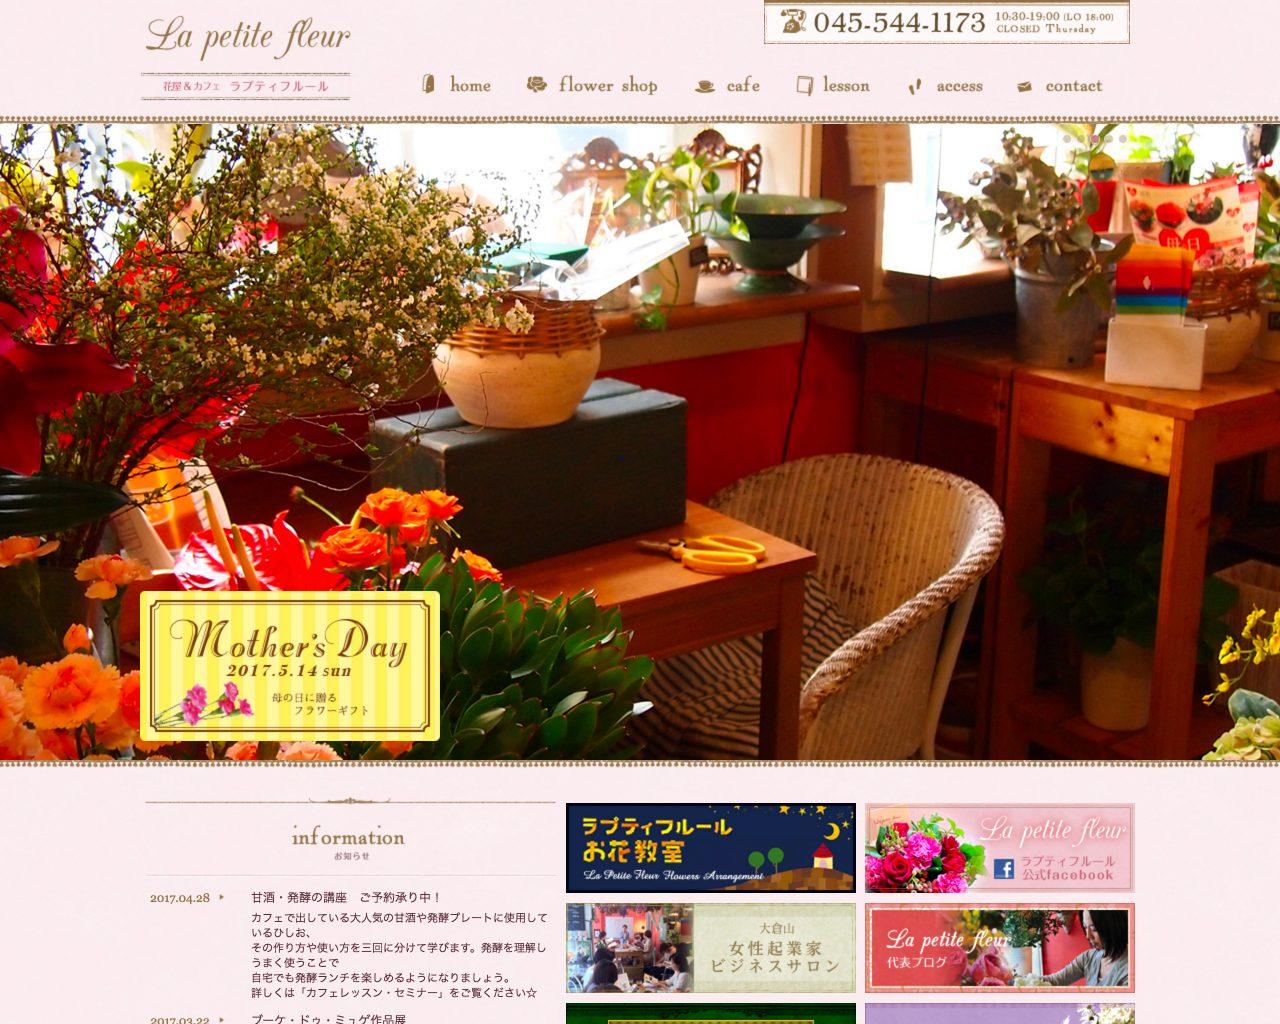 花屋&カフェ ラプティフルール様(明日の株式会社様)